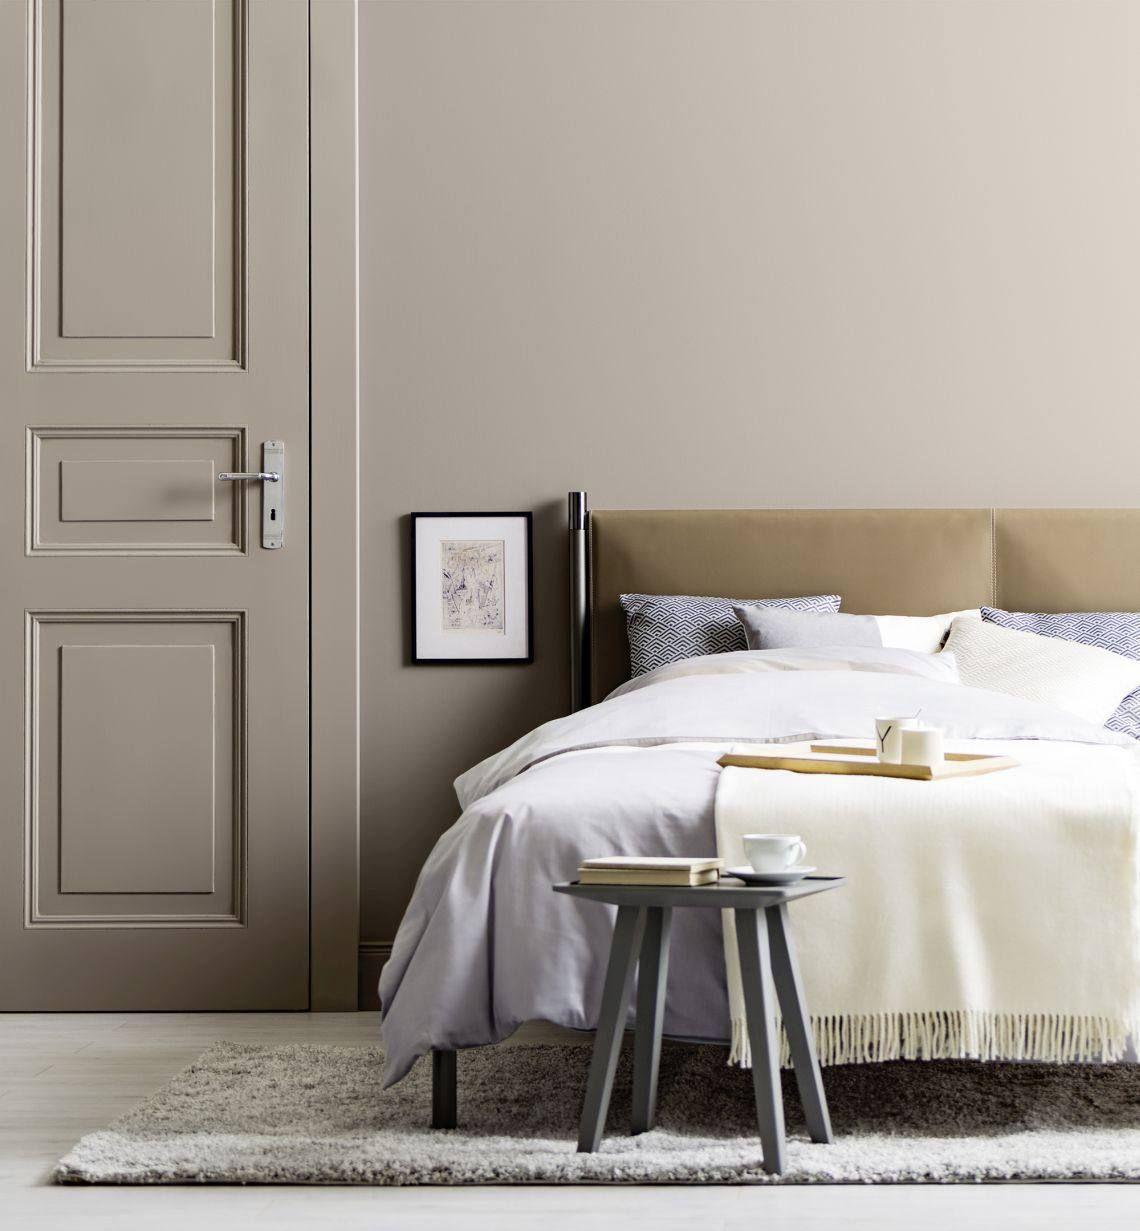 Schlafzimmer In Architects Finest Chelsea Walk Mit Bildern Wohnen Schoner Wohnen Farbe Schoner Wohnen Schlafzimmer